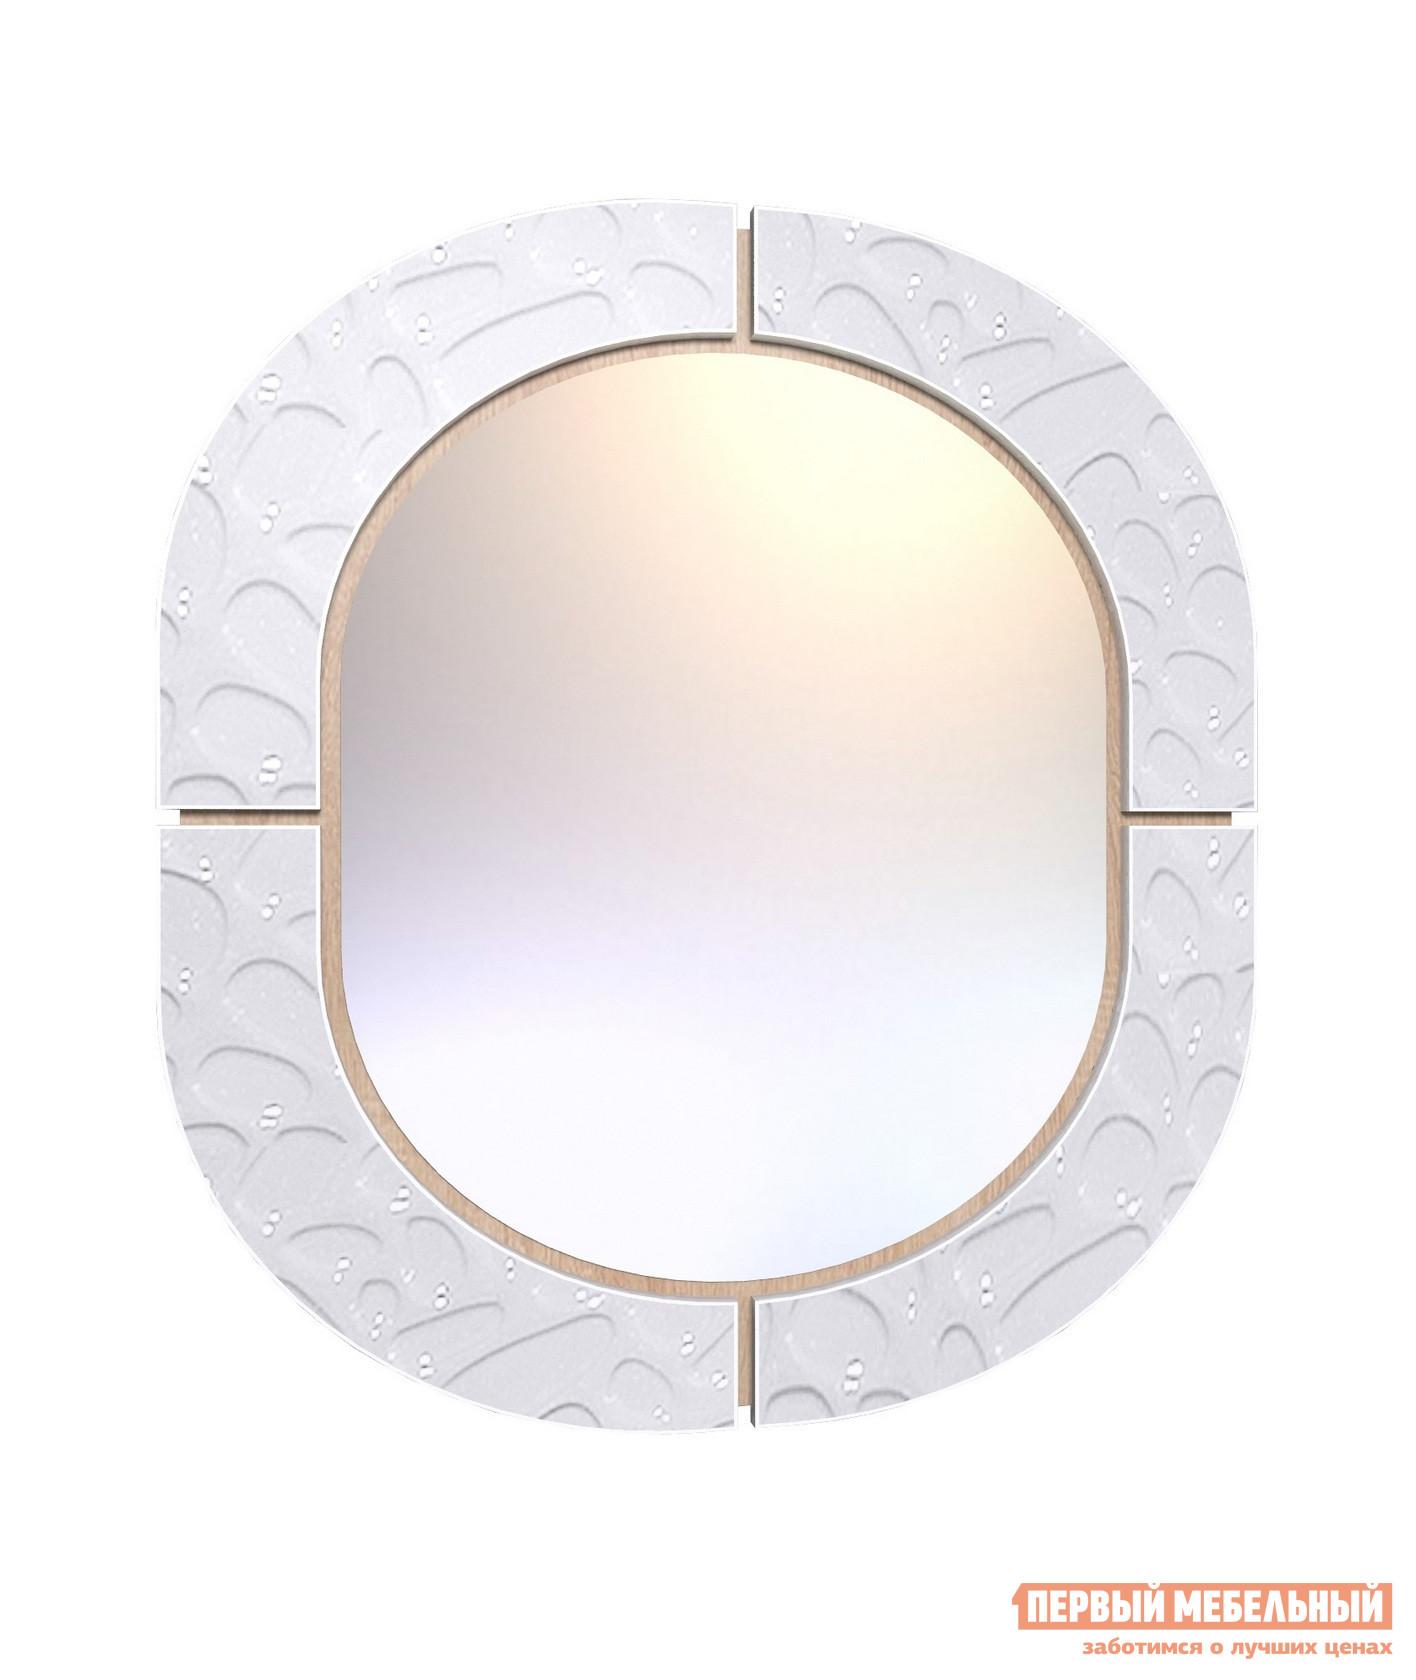 Настенное зеркало ТД Арника WYSPAA 20 Зеркало навесное цена